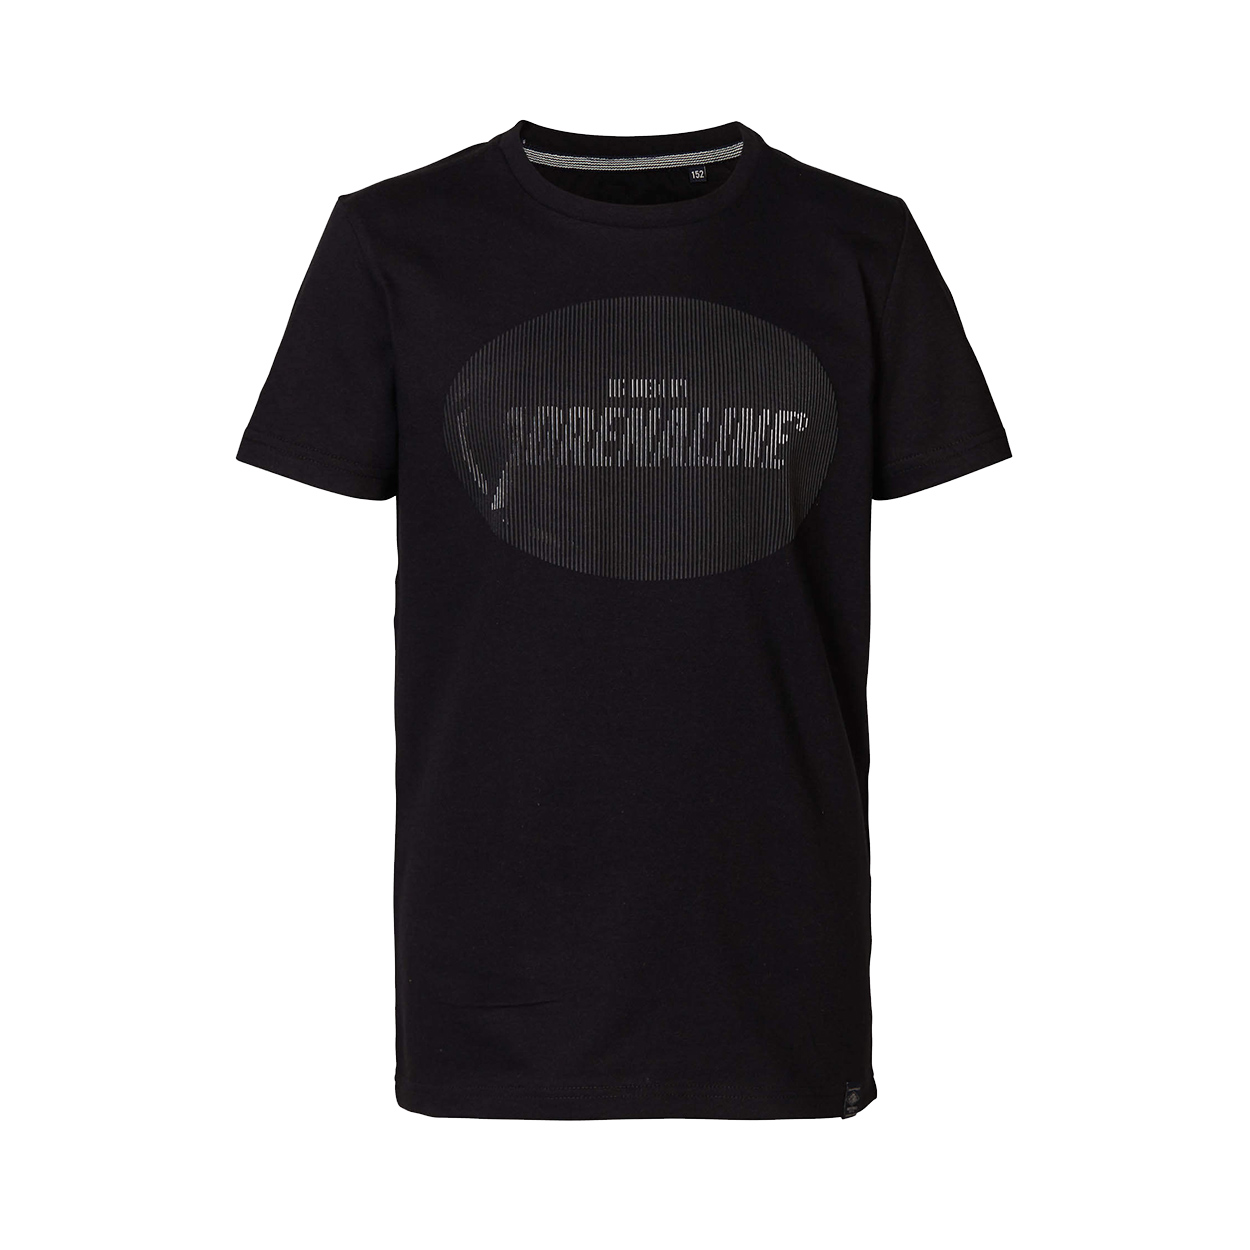 Tee-shirt col rond  en coton noir à logo blanc et noir en relief